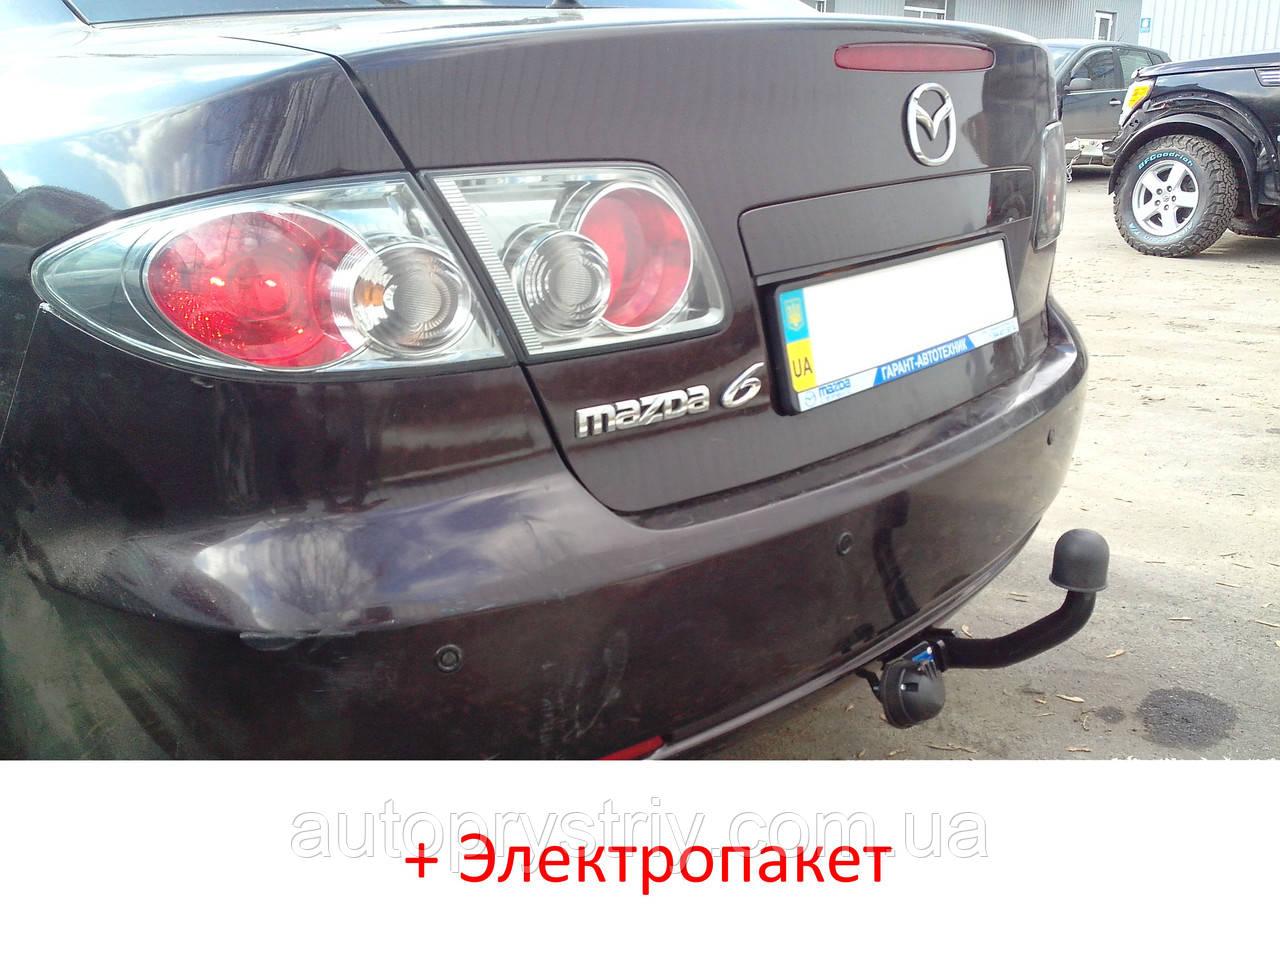 Фаркоп - Mazda 6 Седан / Хэтчбек (2003-2008)